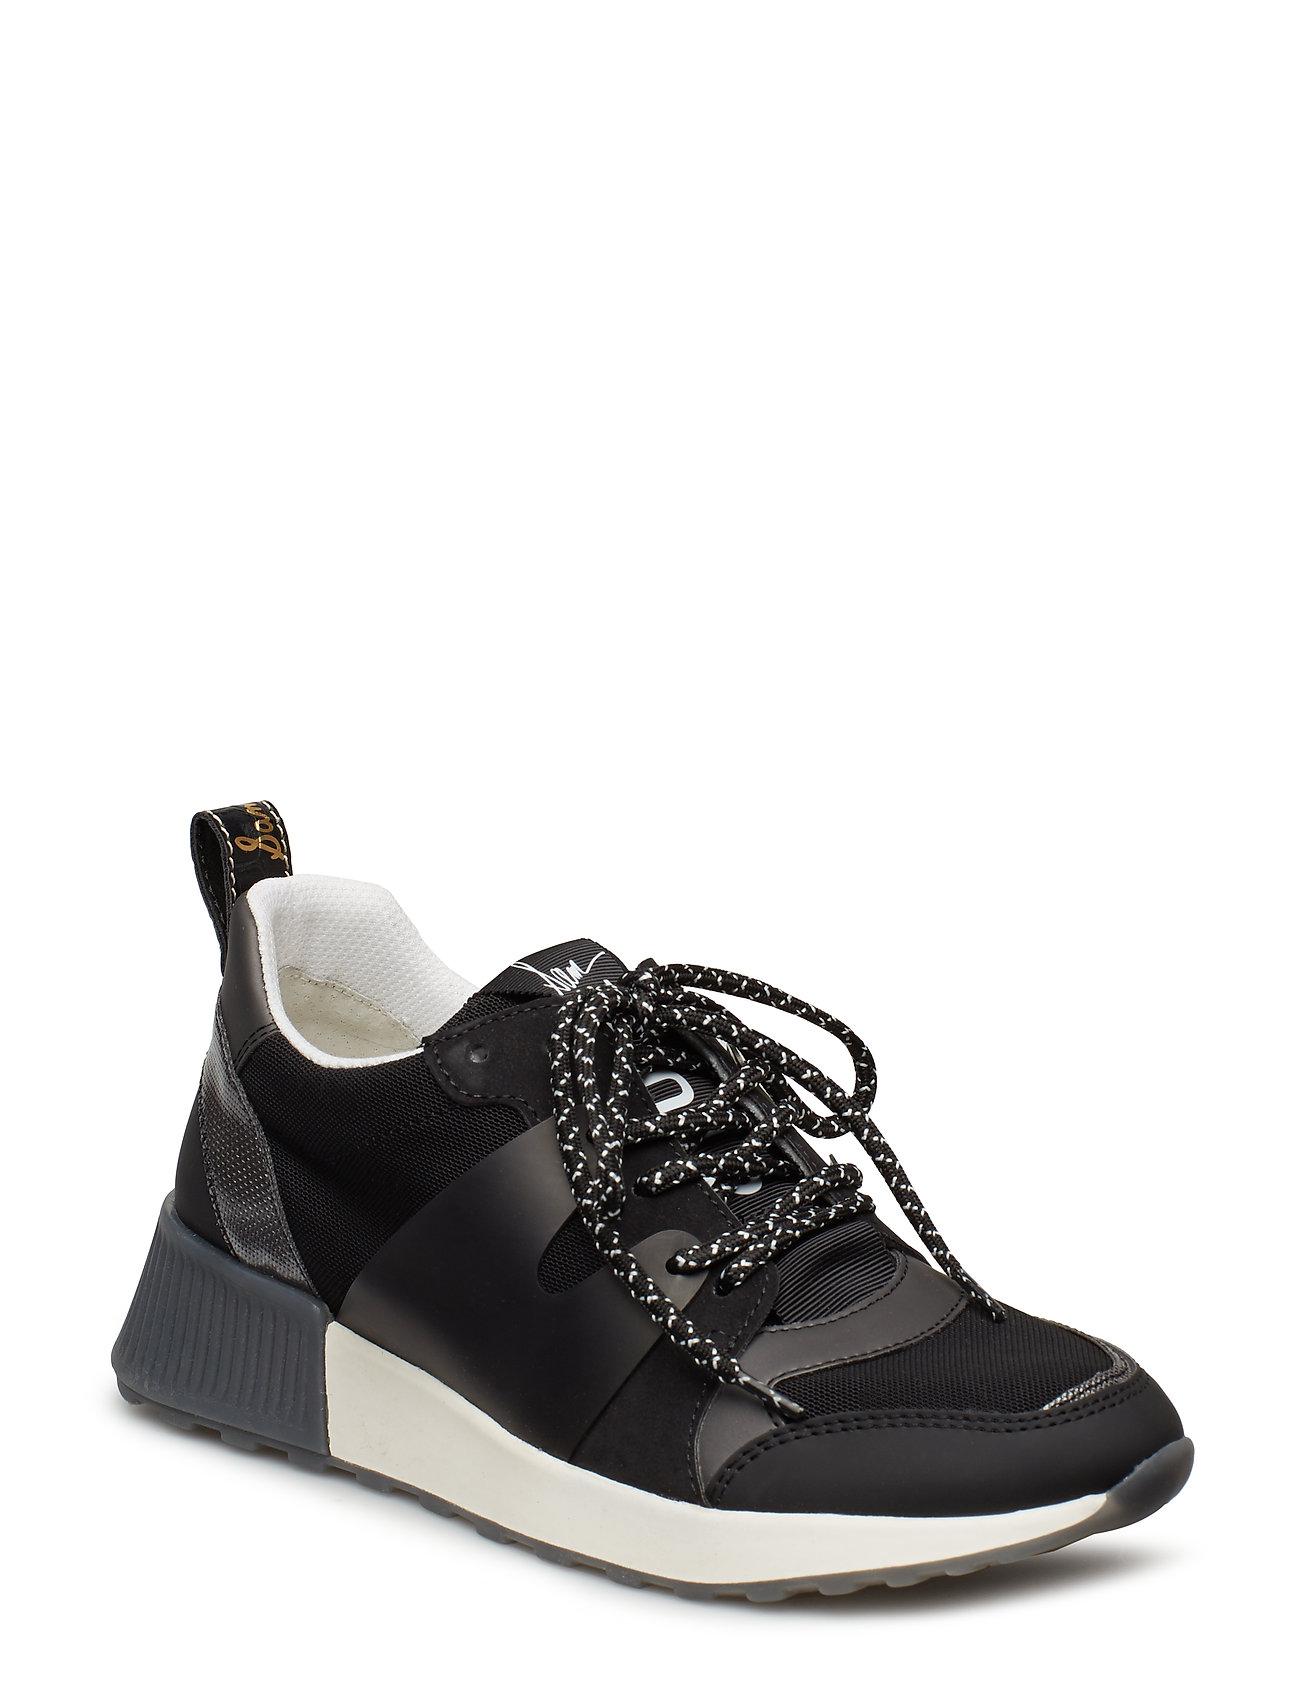 Sam Edelman Tara Sneakers High Damer Sort Sko København